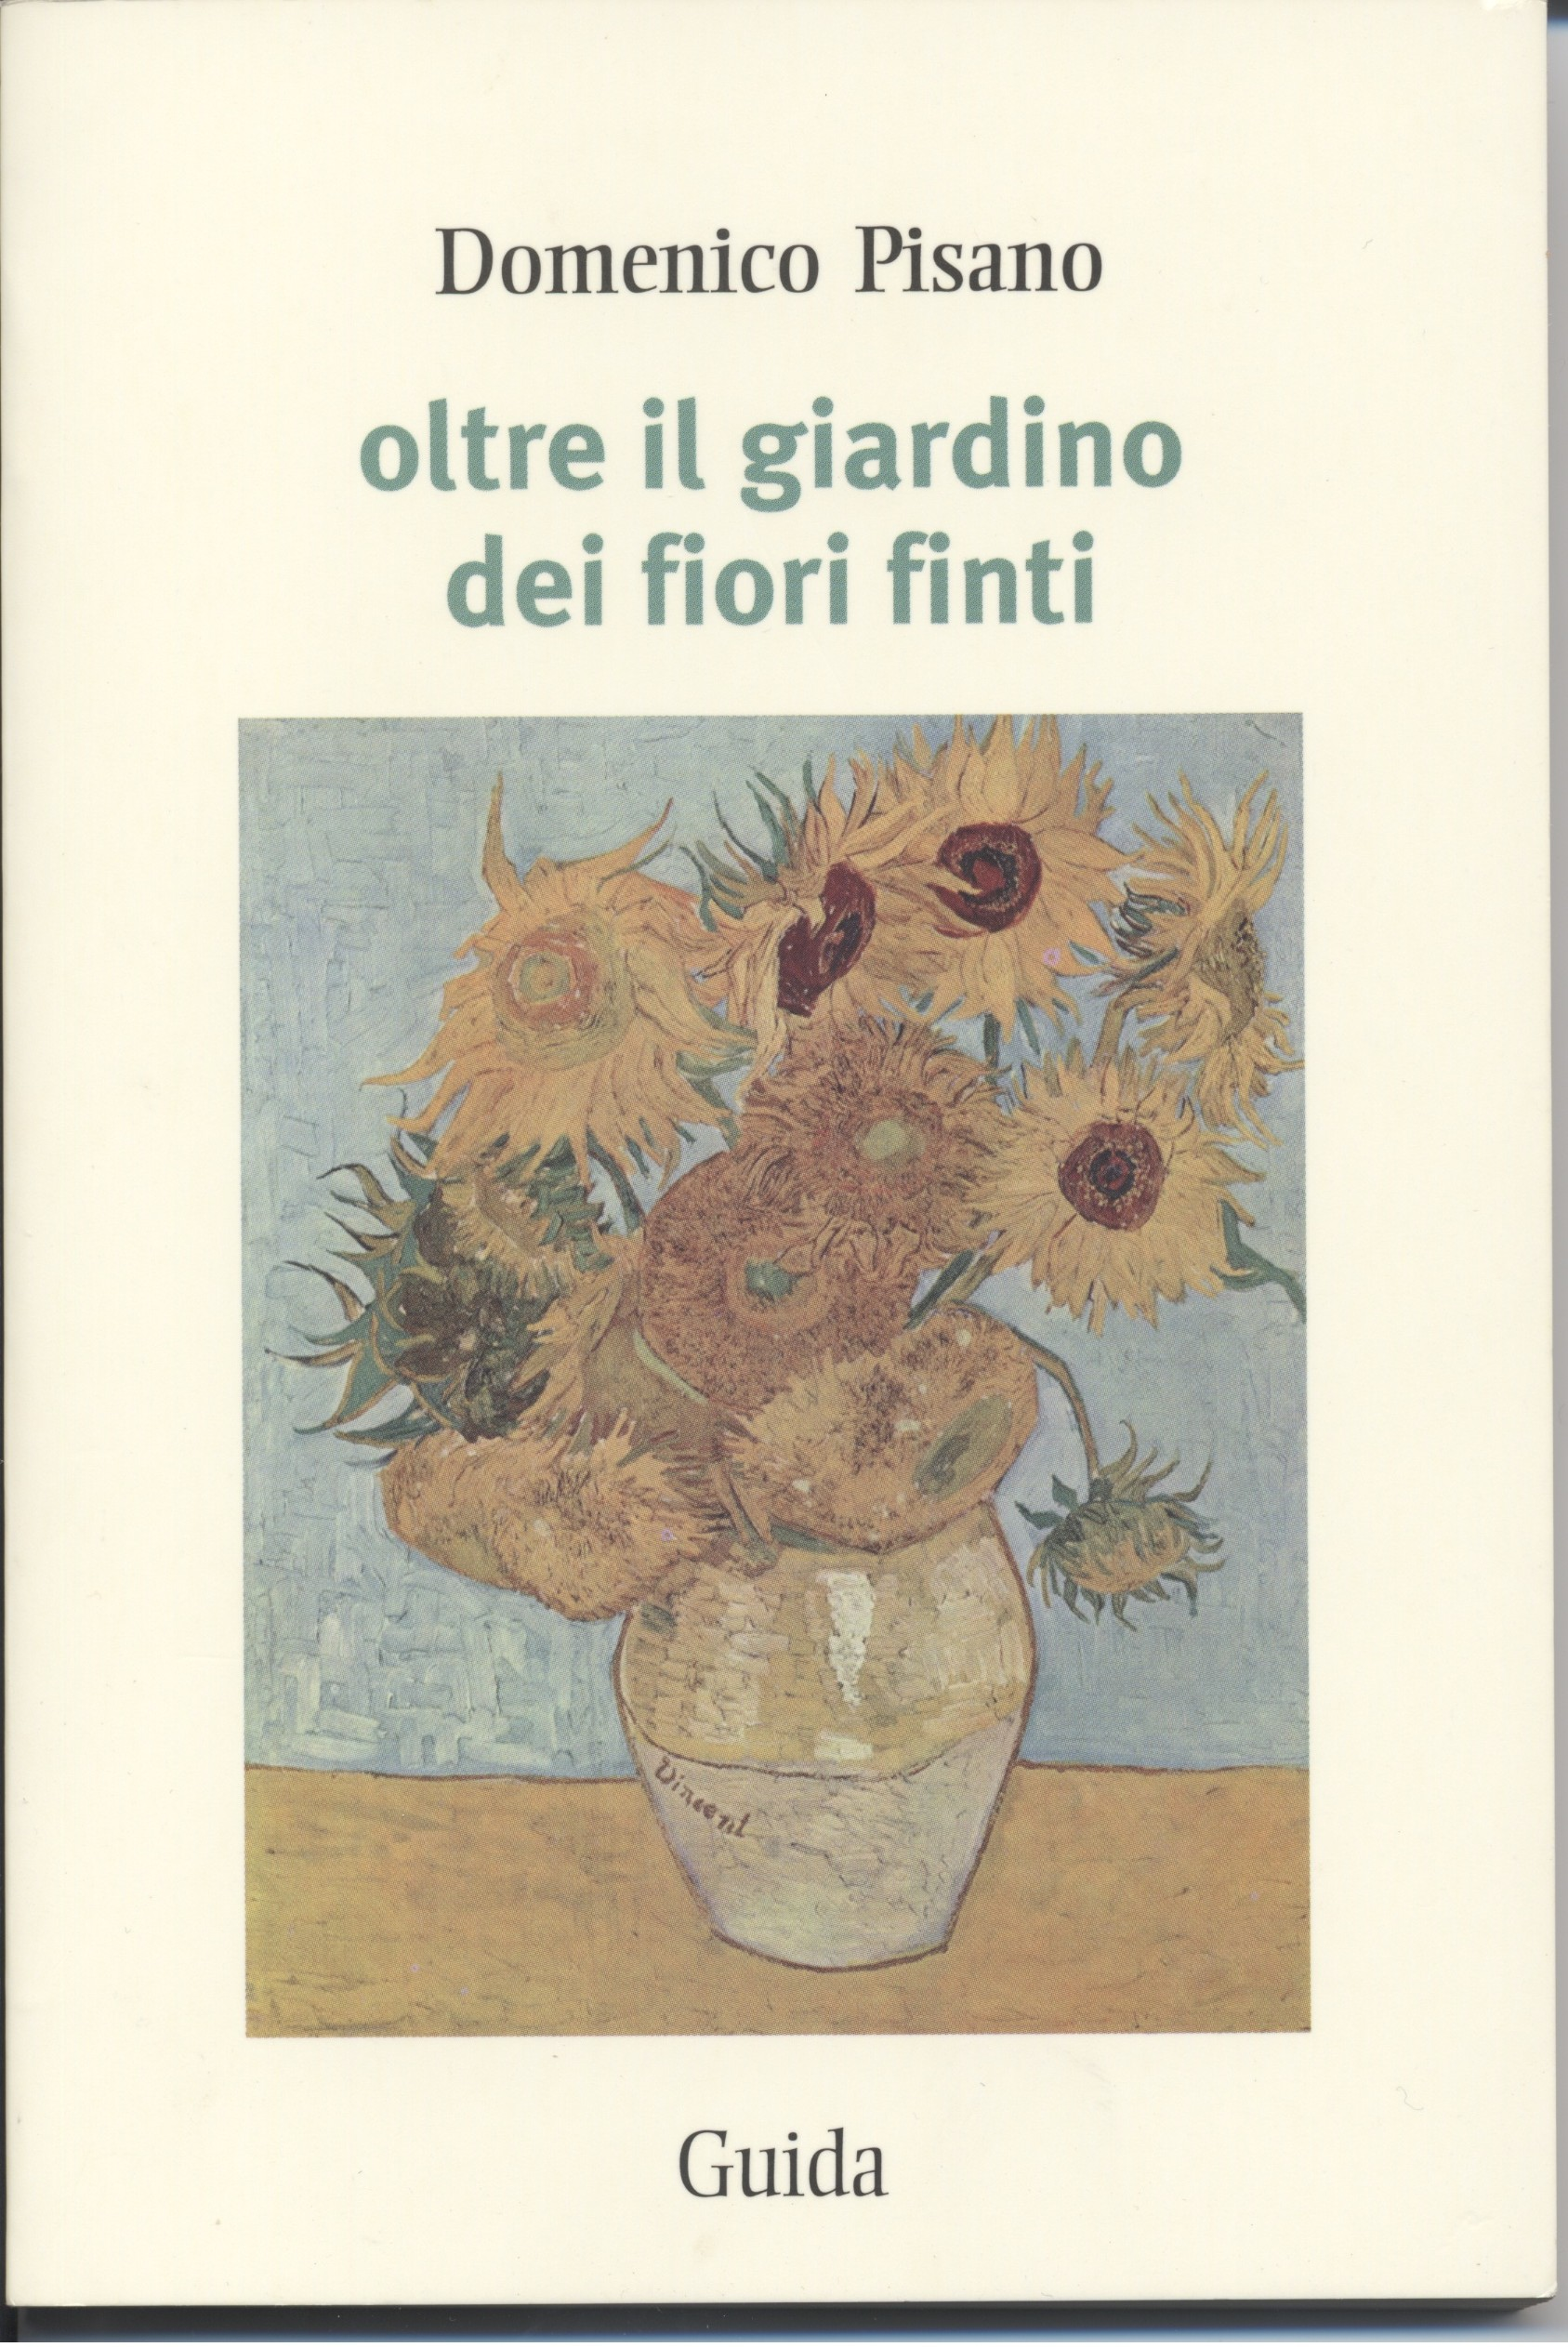 Da leggere oltre il giardino dei fiori finti for Oltre il giardino